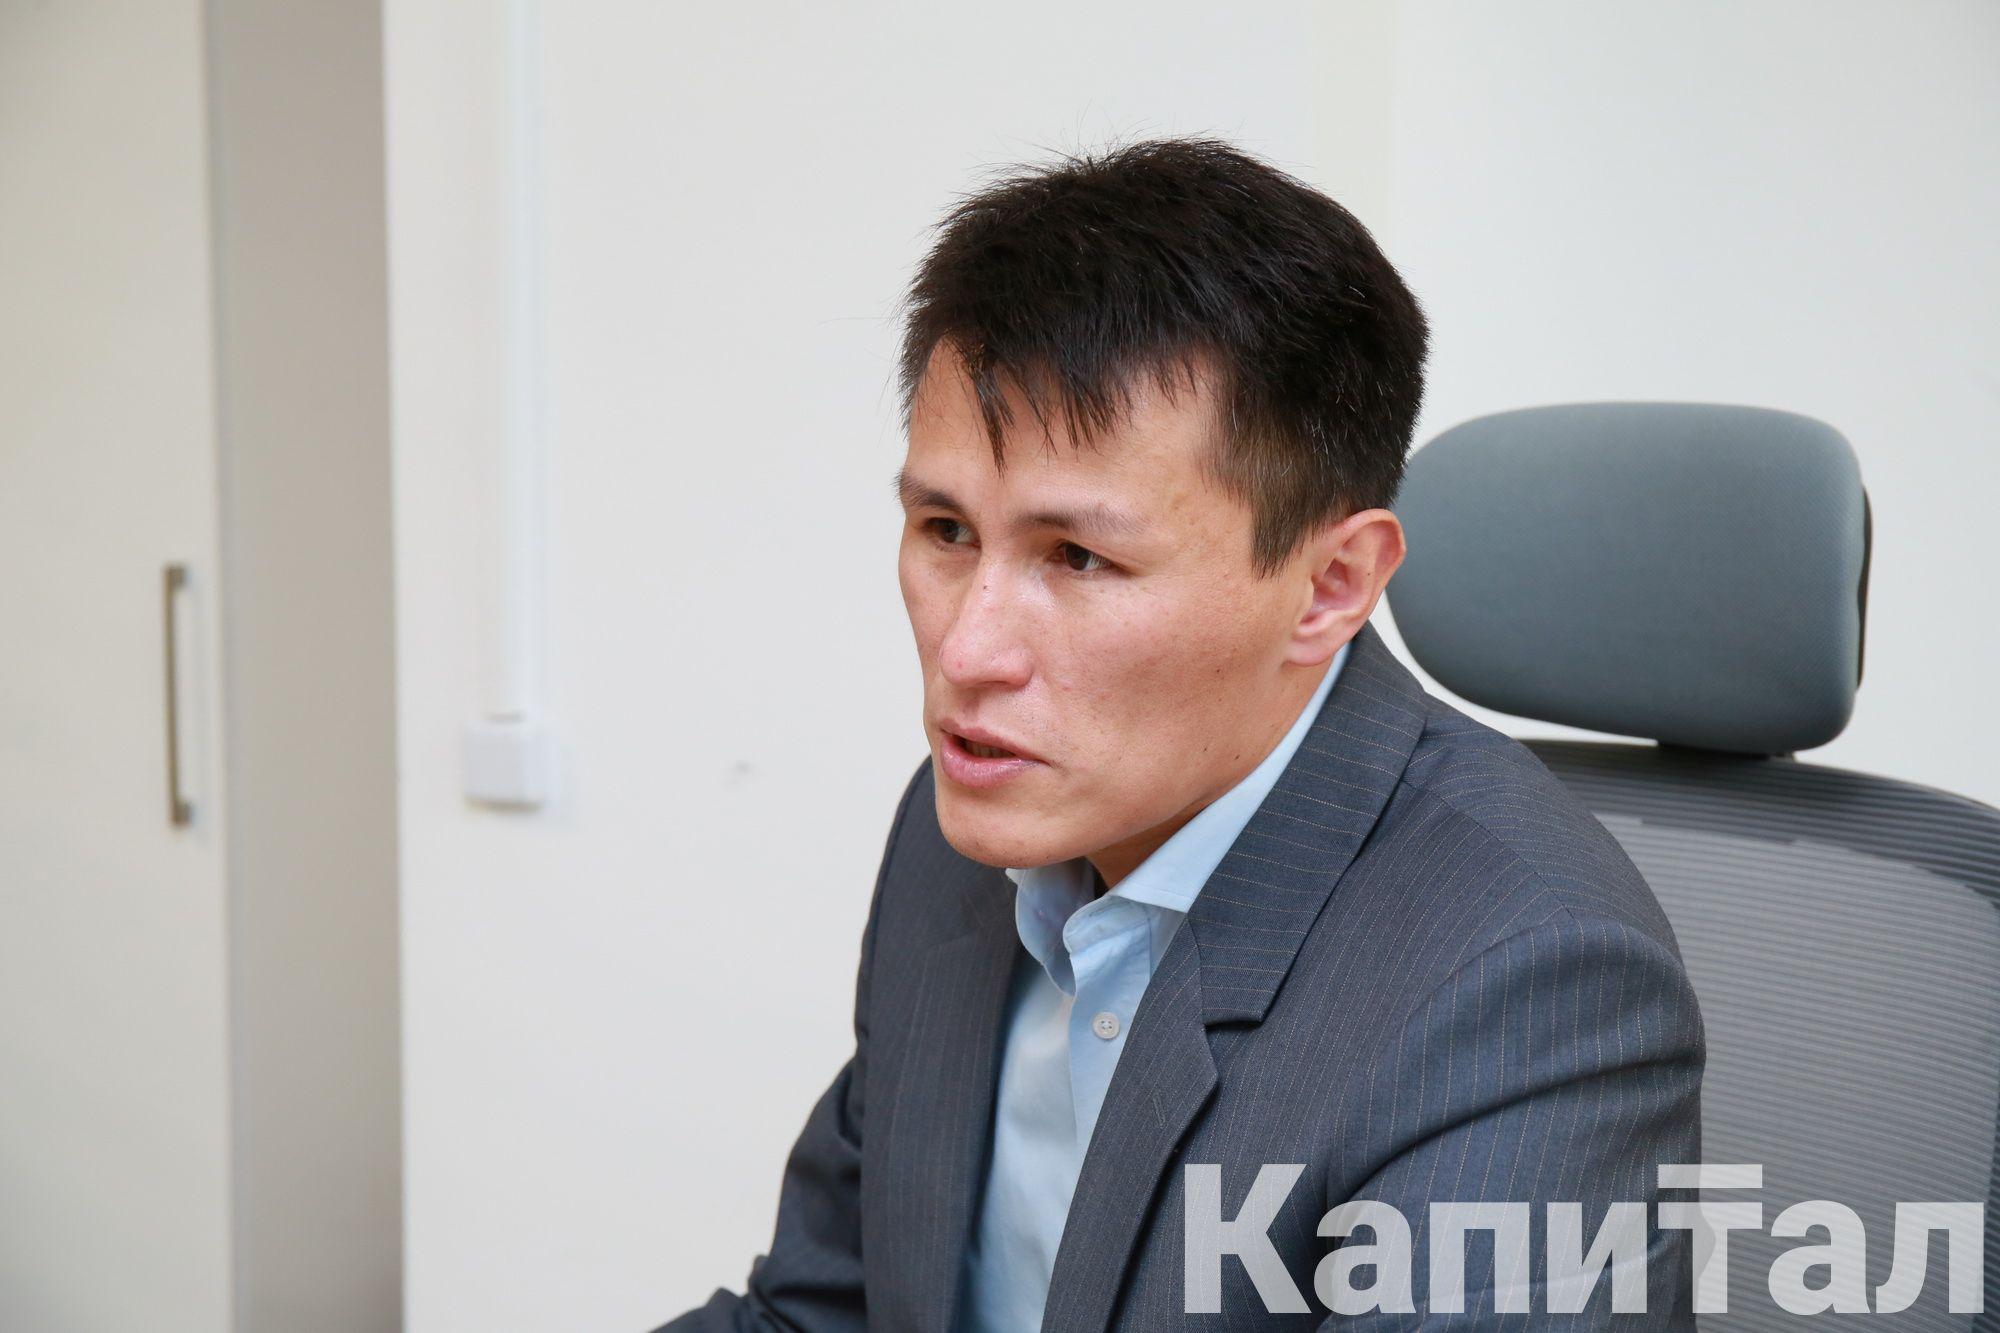 Предприниматели Алматы могут получить льготные кредиты  442440 - Kapital.kz